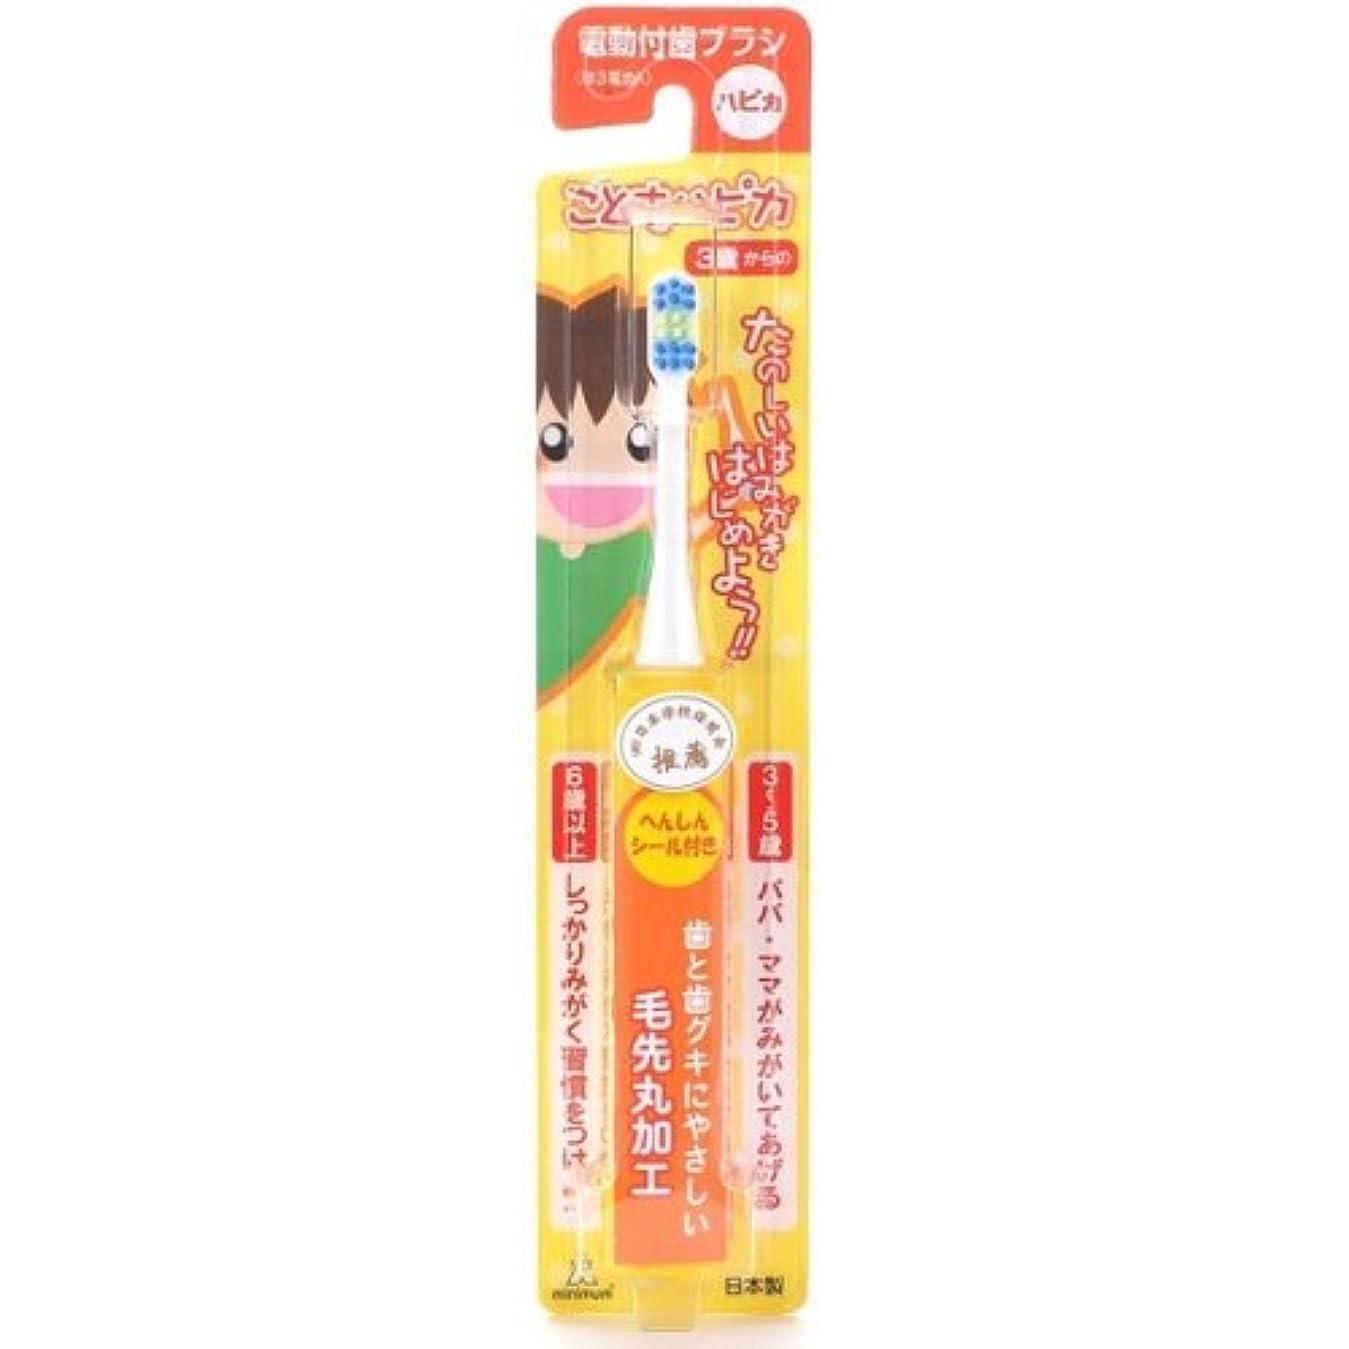 するなぜなら占めるミニマム 電動付歯ブラシ こどもハピカ イエロー 毛の硬さ:やわらかめ DBK-1Y(BP)